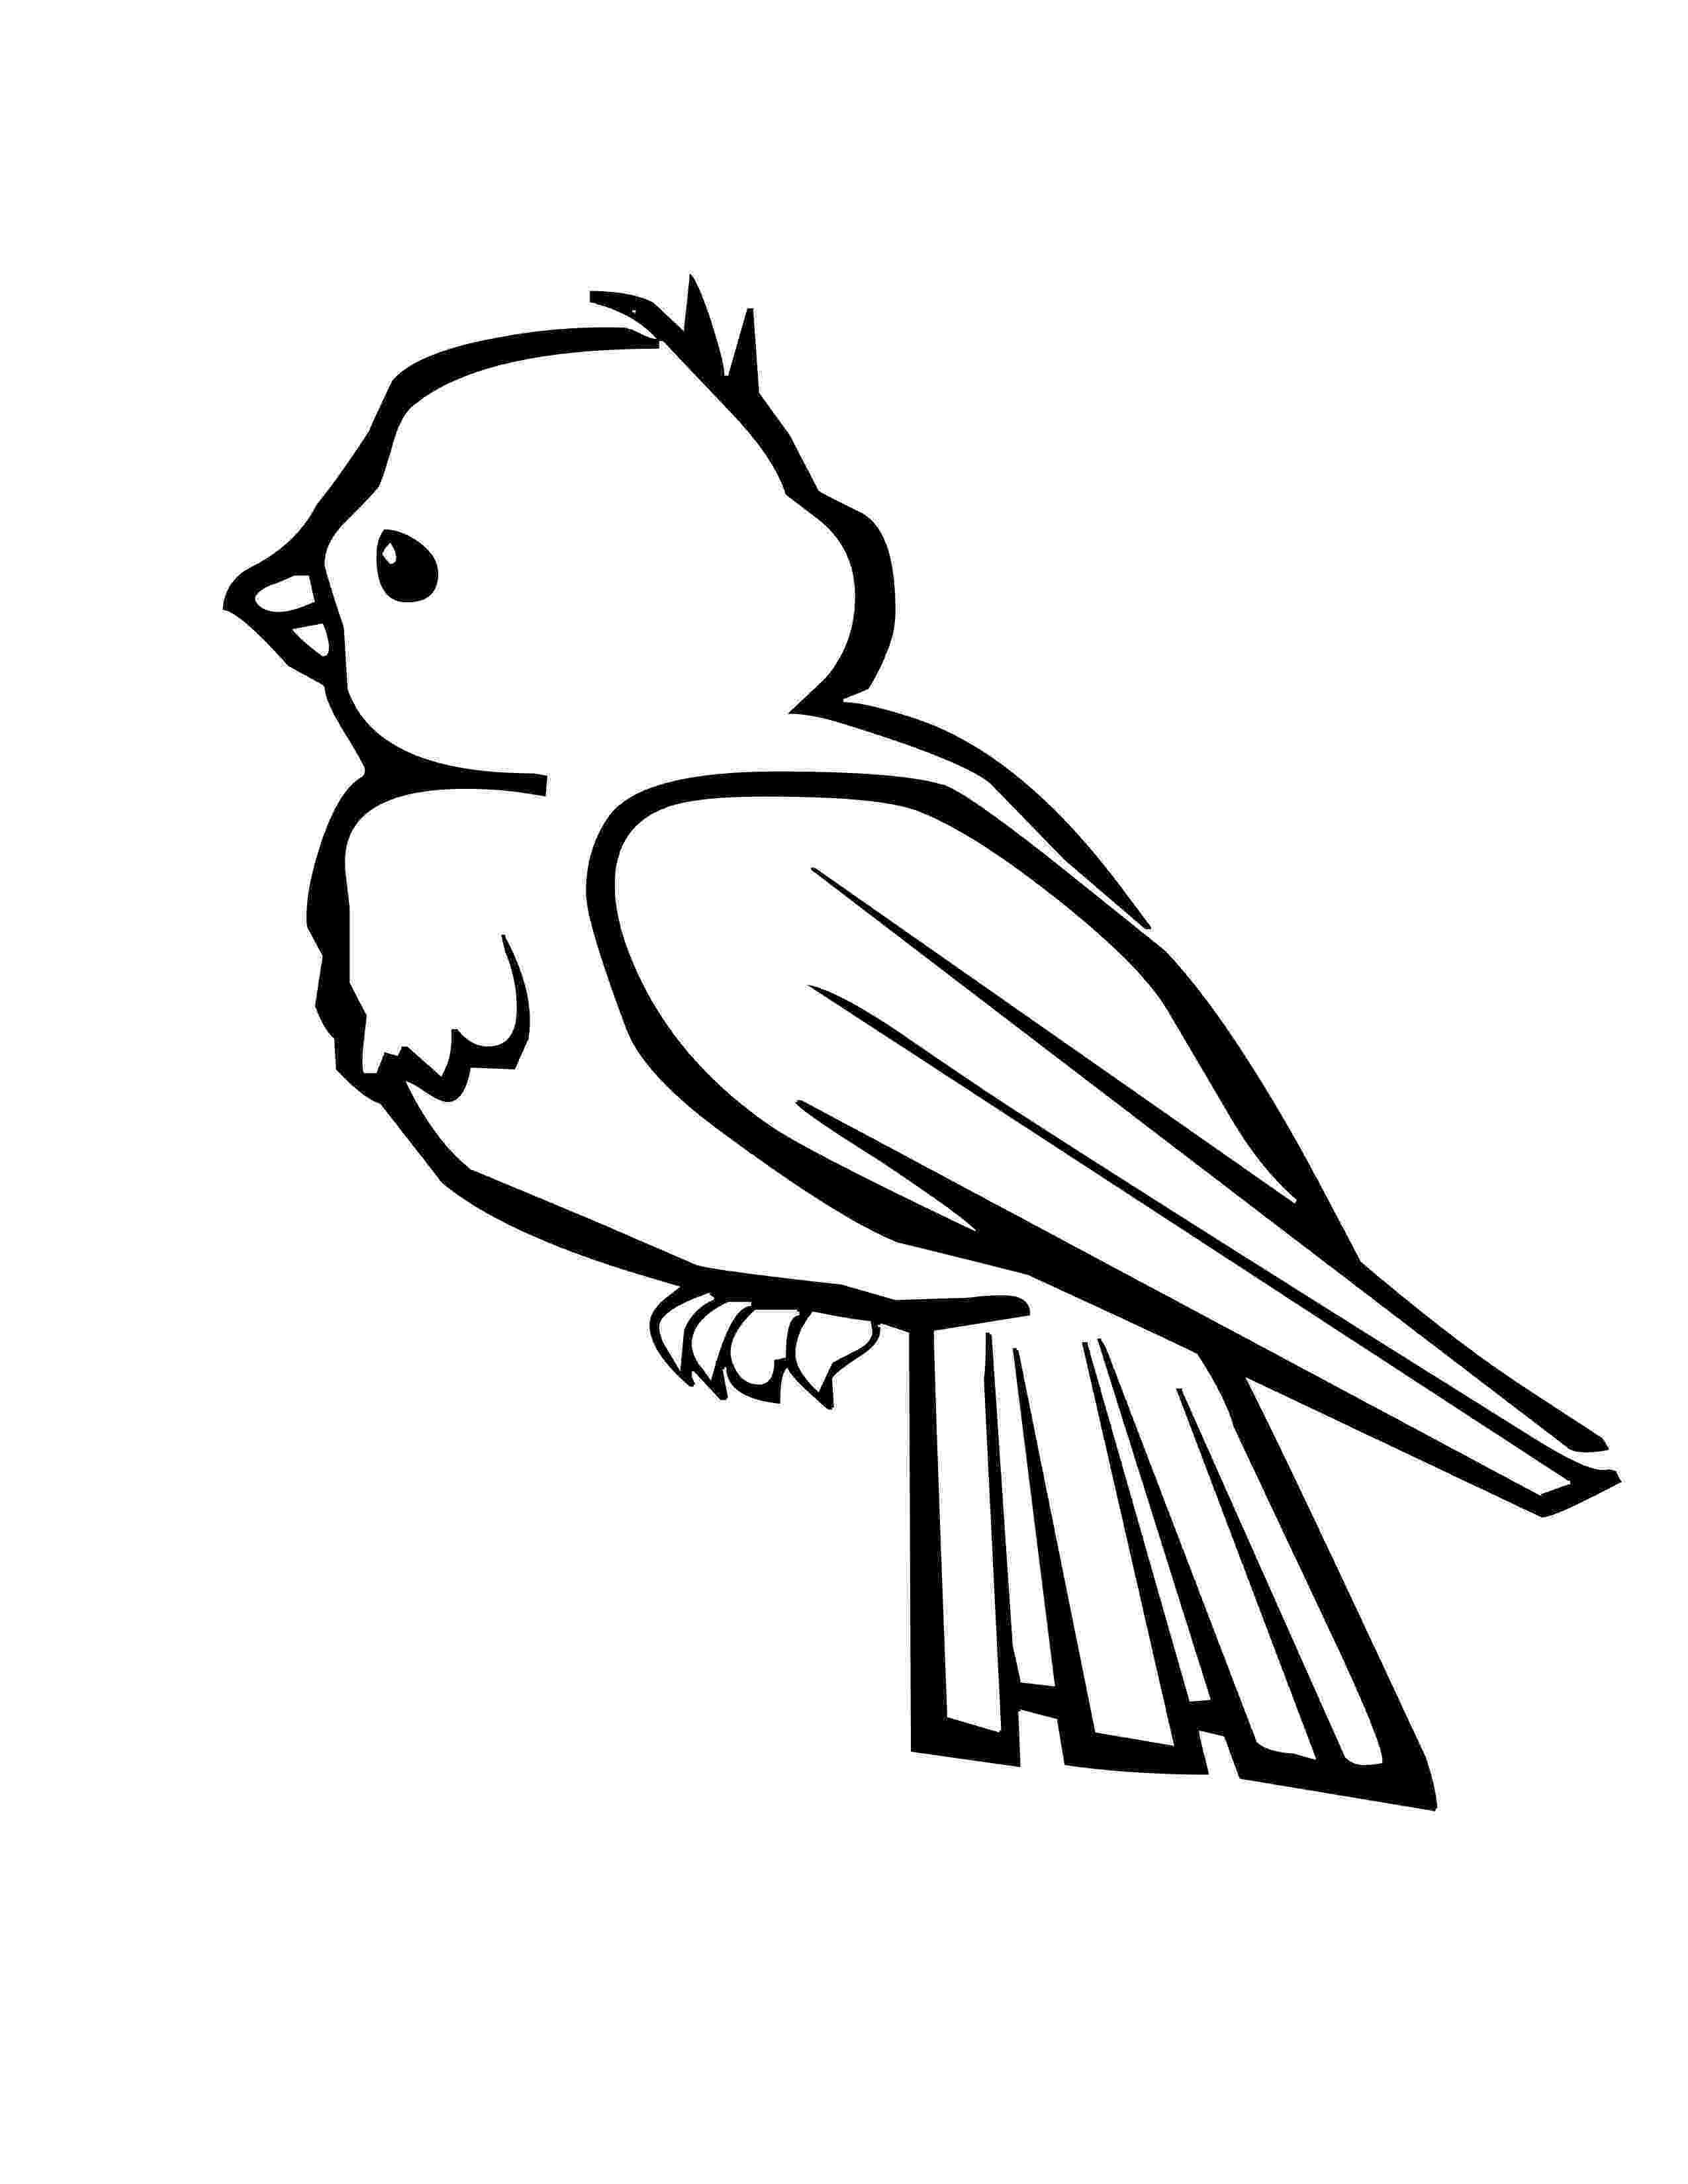 bird coloring pages free cartoon bird coloring pages cartoon coloring pages pages free coloring bird